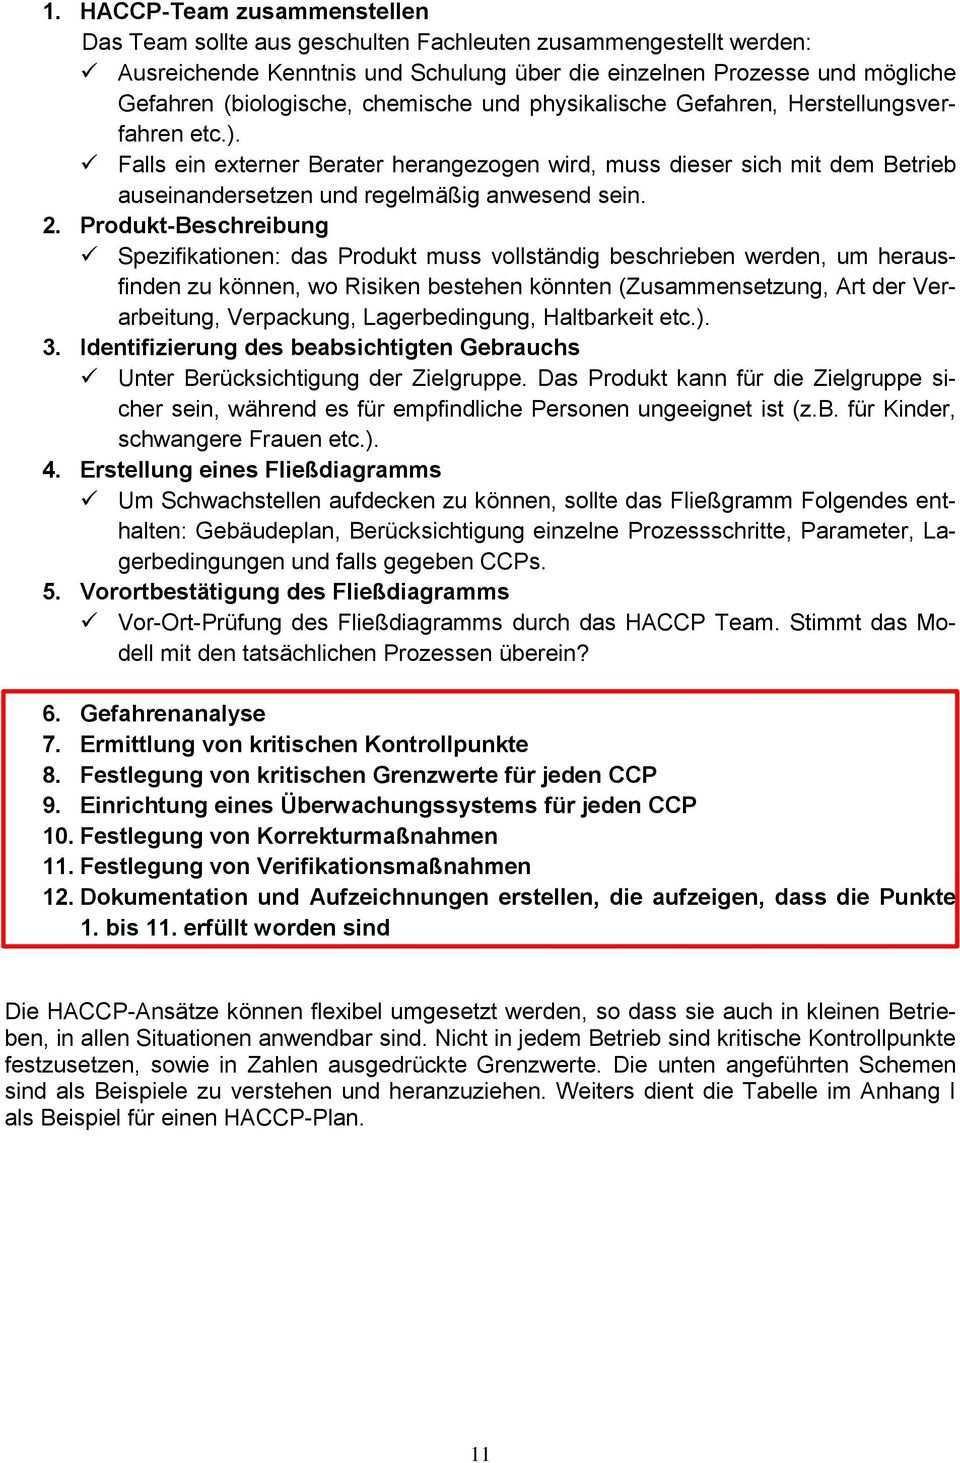 Hygieneplan Haccp Umsetzung Und Schulung Packstellen Pdf Free Download